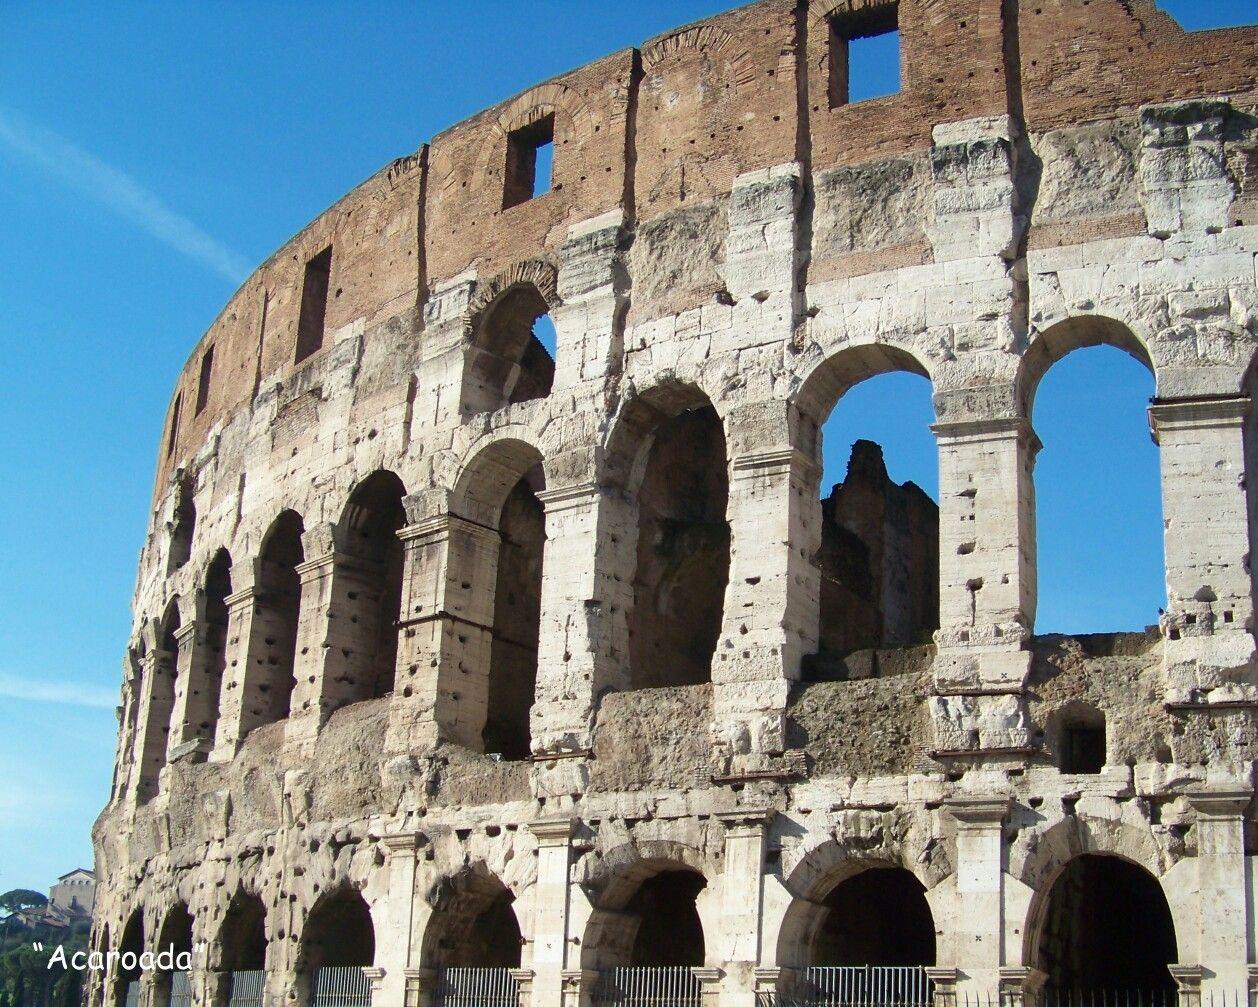 Acaroada: Lateral del Coliseo, Roma (Italy).